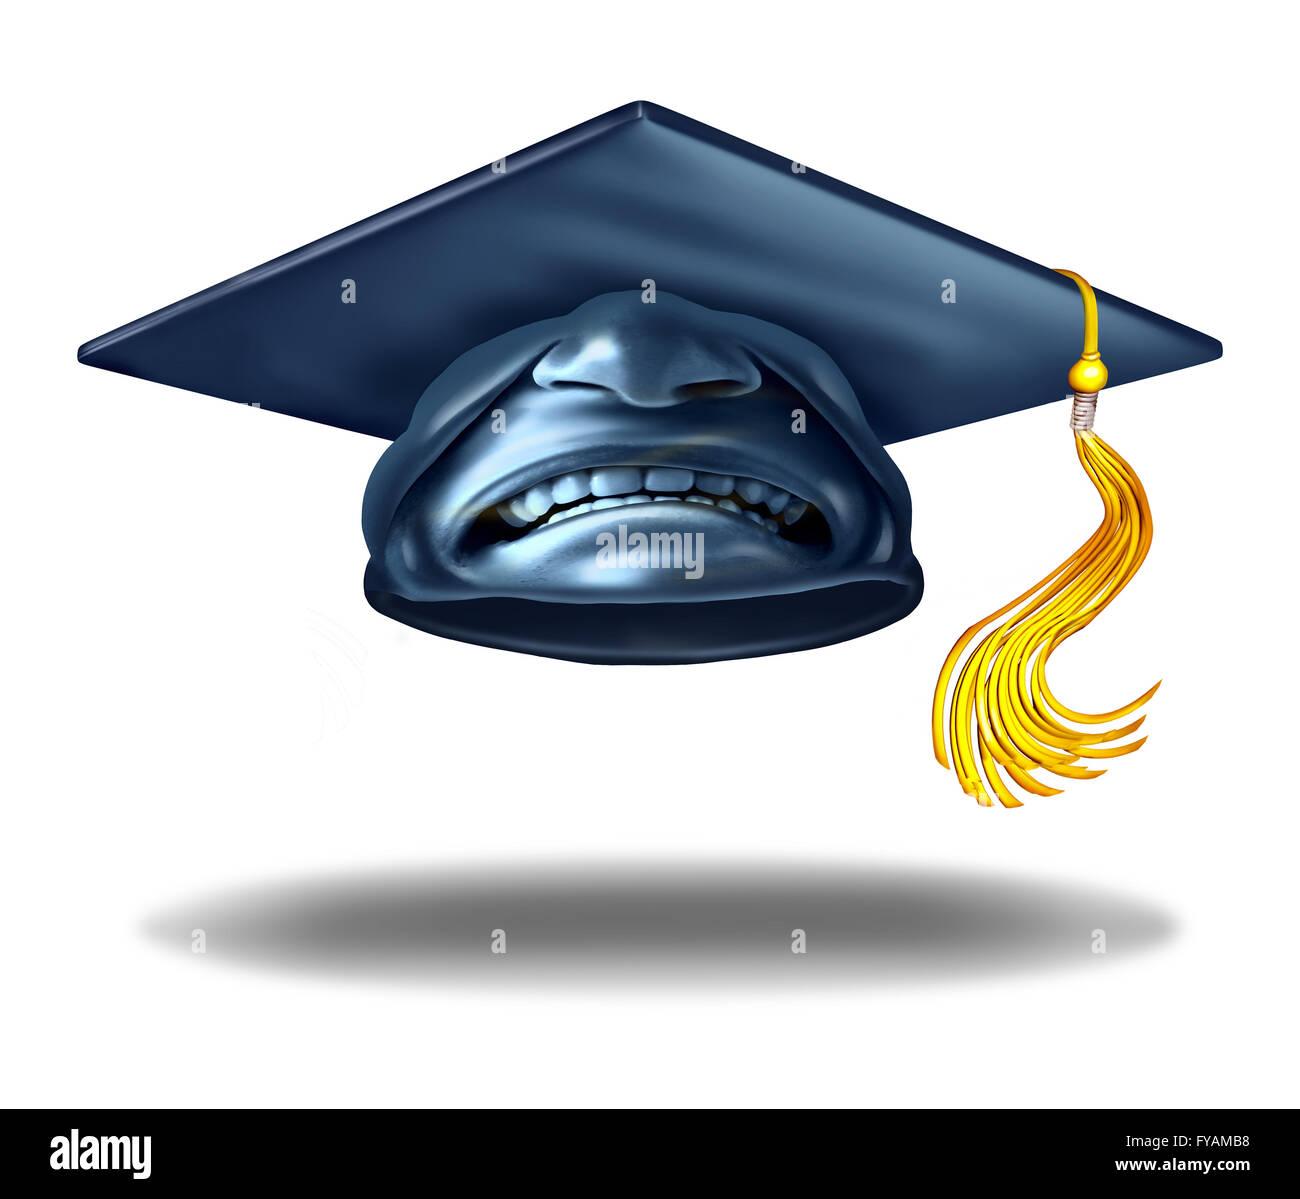 Bildung scheitern und schreckliche Lehre Symbol als eine Graduierung Hut oder Mörtel-Kappe mit einem Ausdruck Stockbild